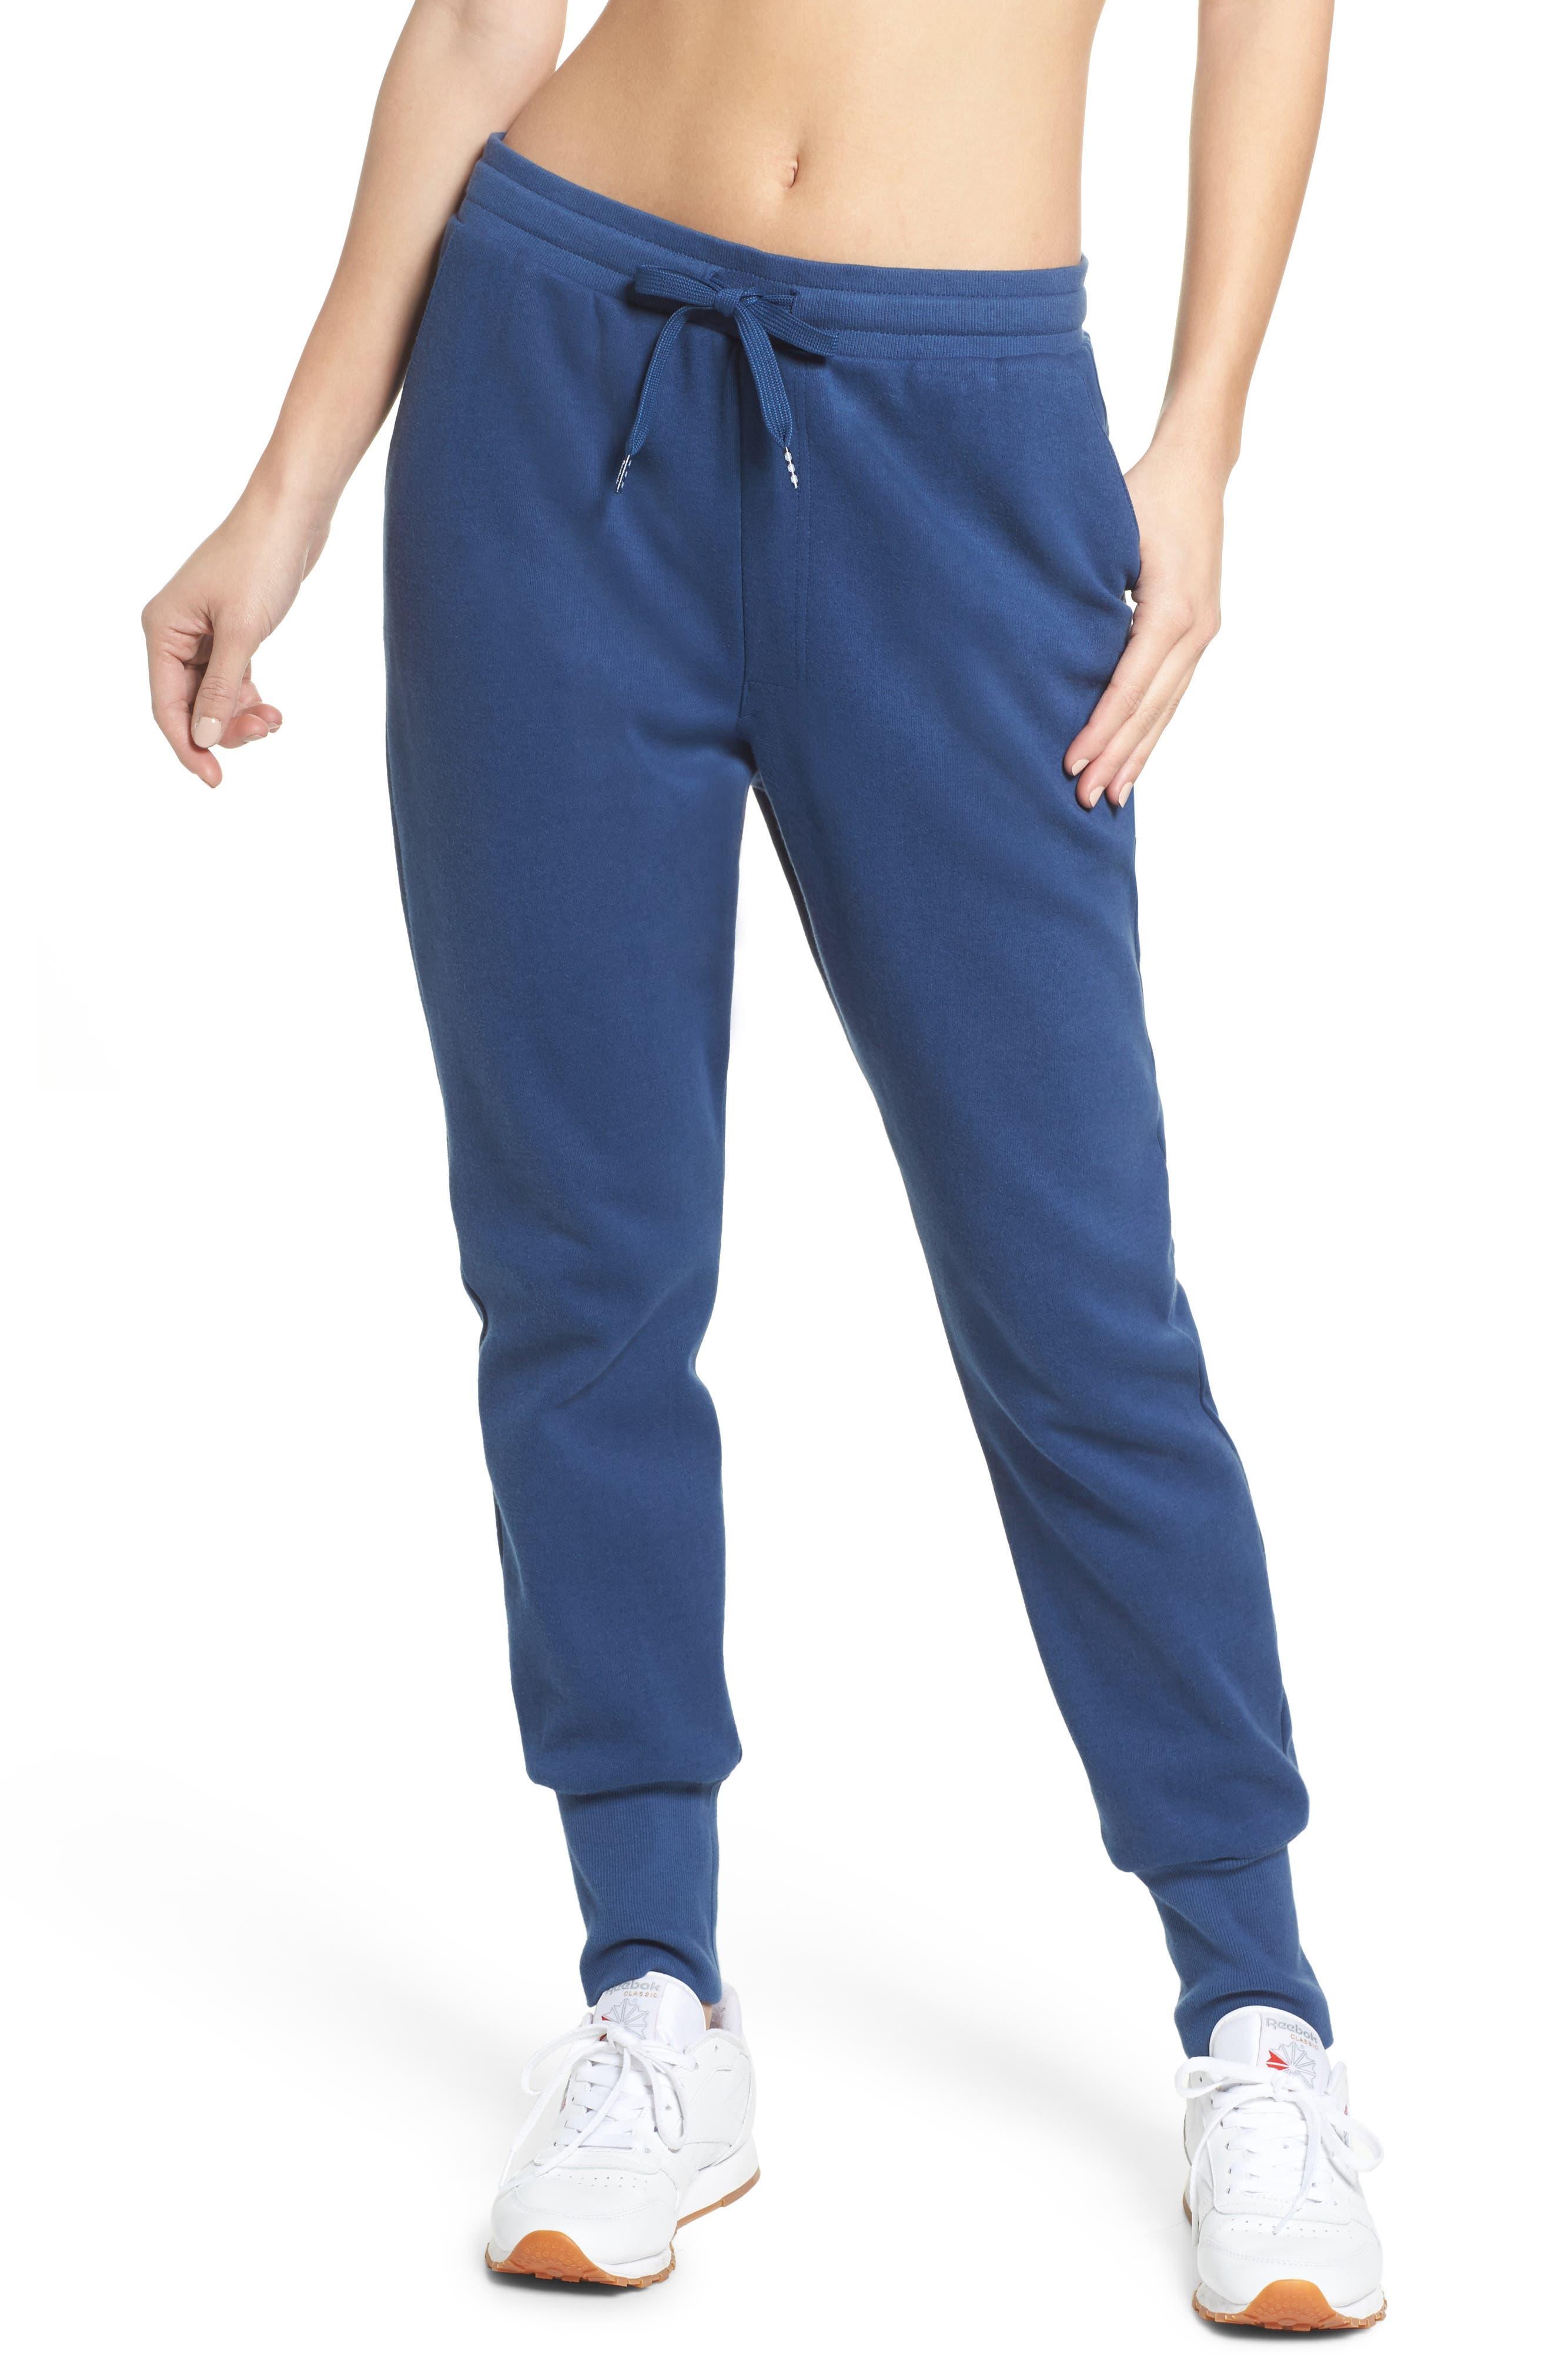 DC Jogger Pants,                         Main,                         color,